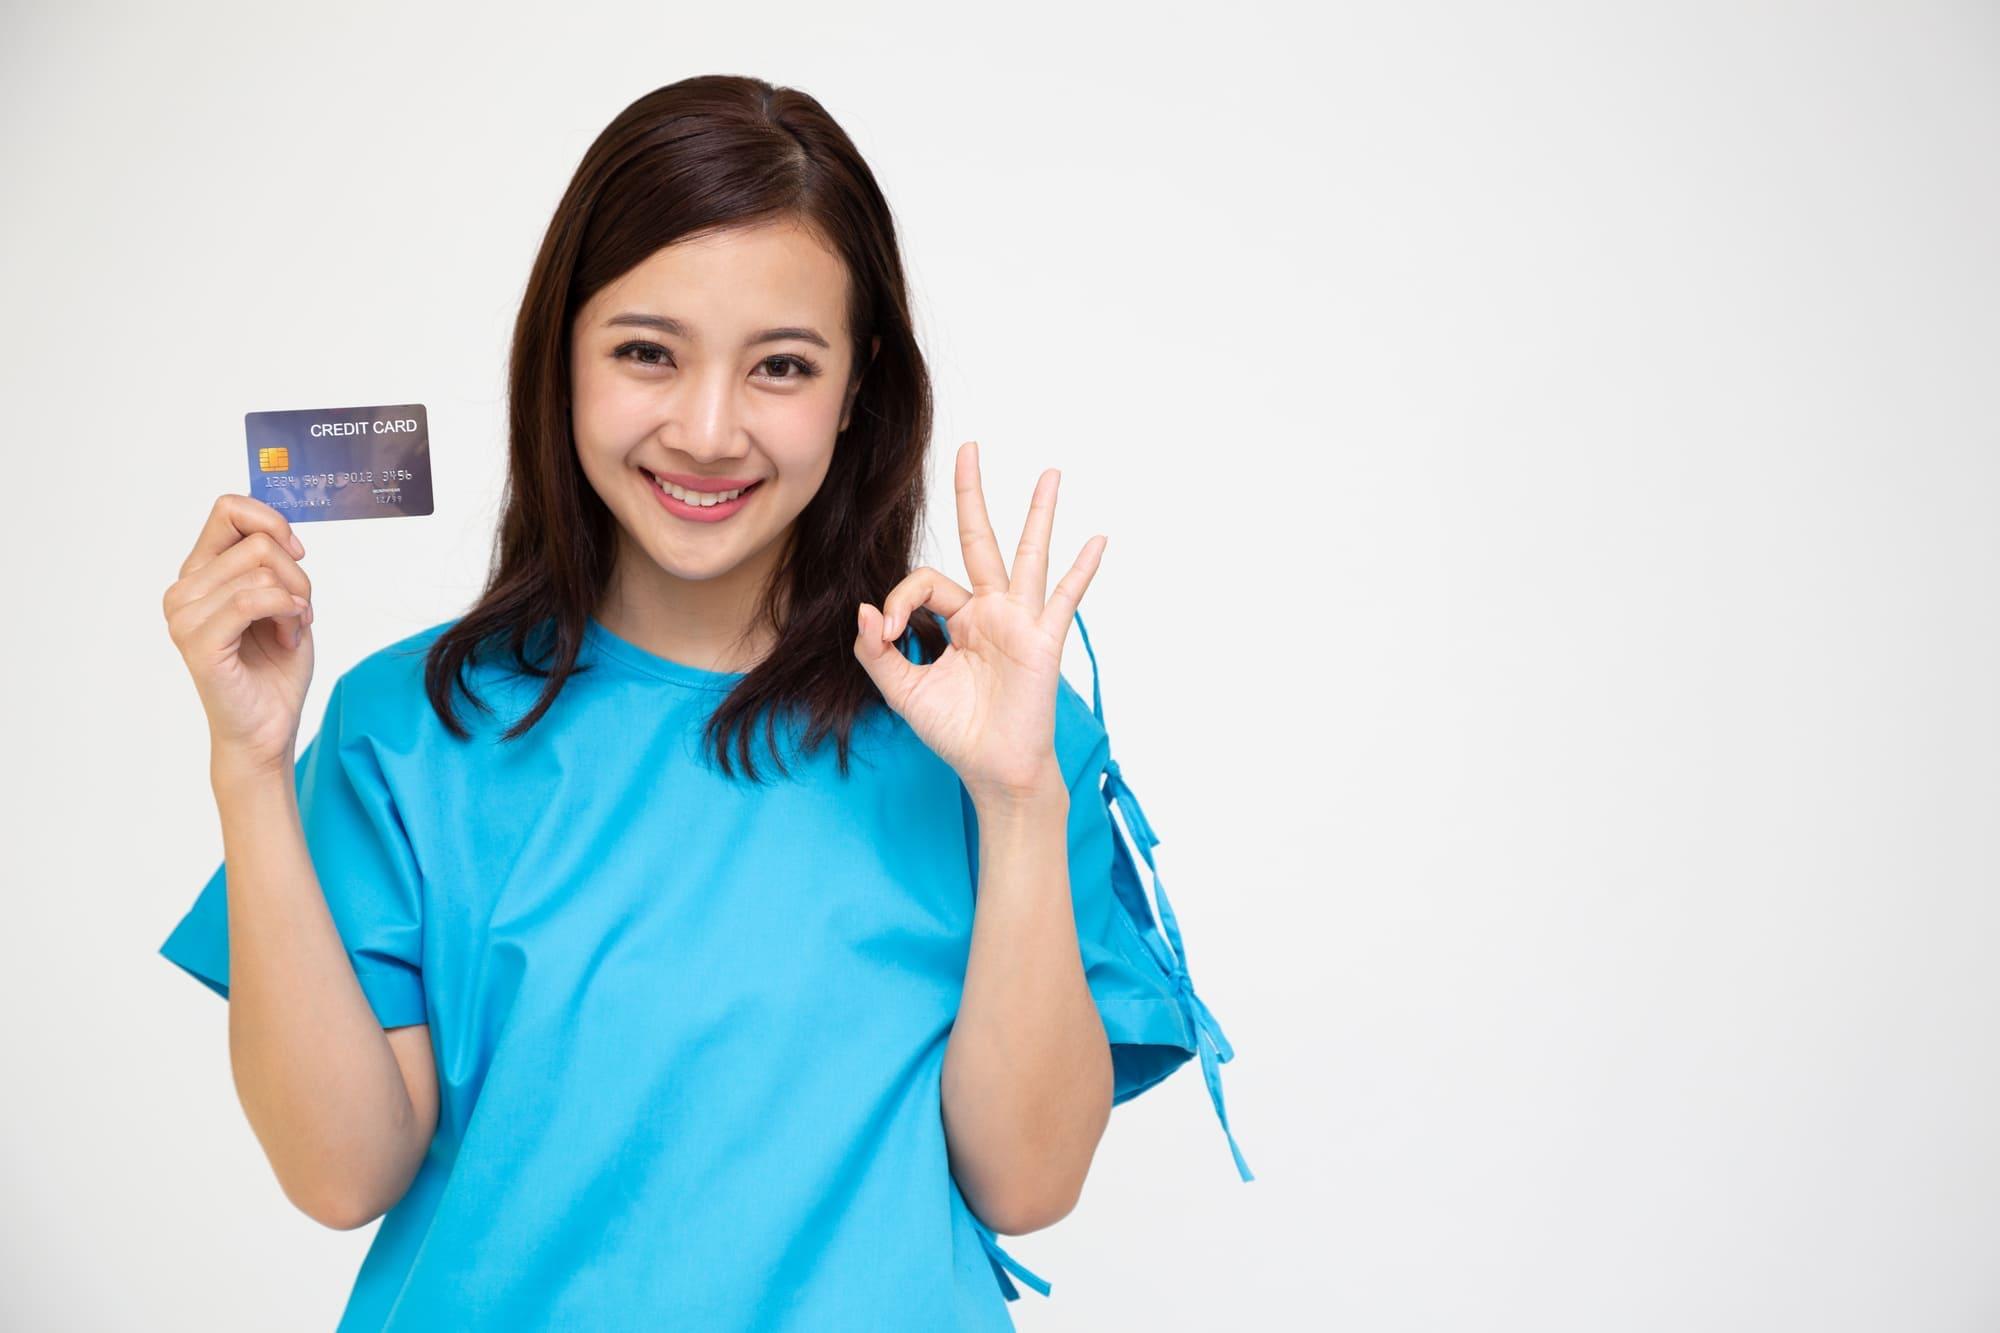 アメックスビジネスプラチナカードはメタル製に! 付帯サービスも徹底解説